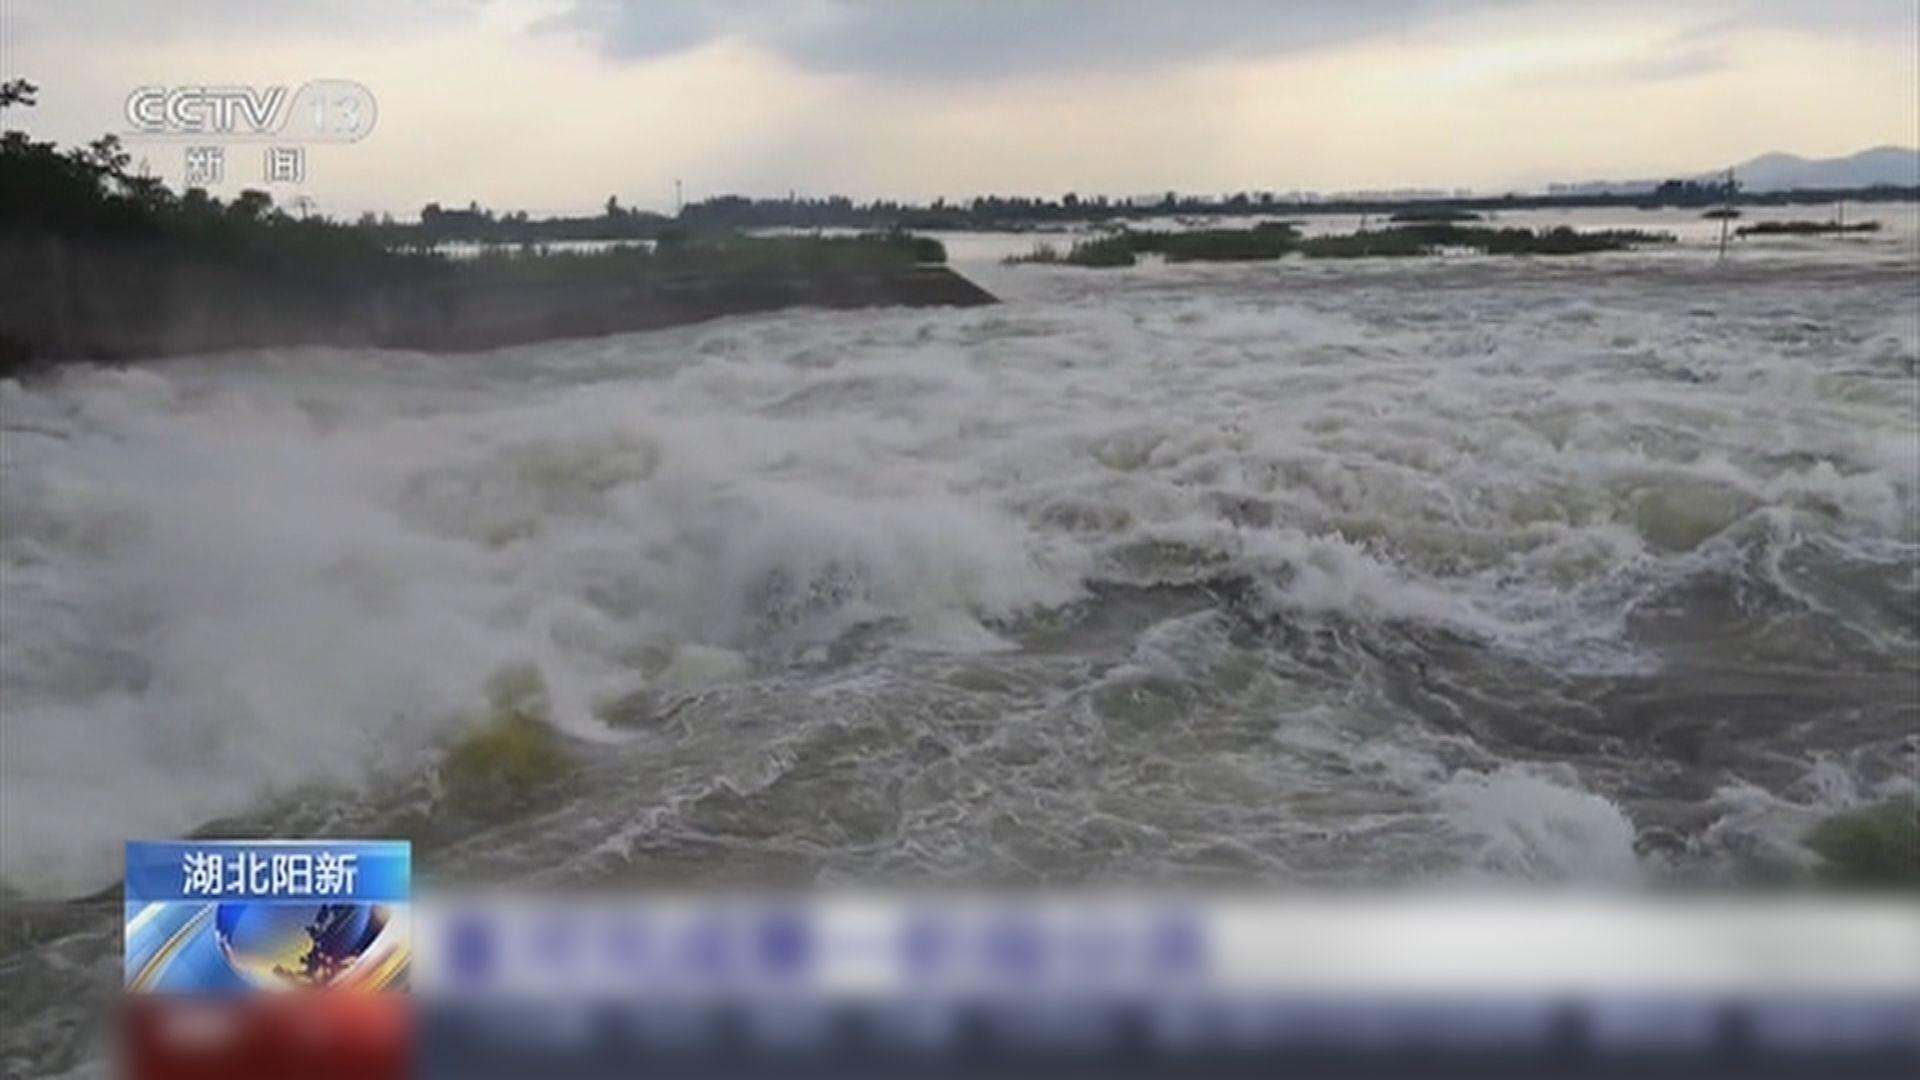 內地水利部:北方可能發生區域性較大洪水